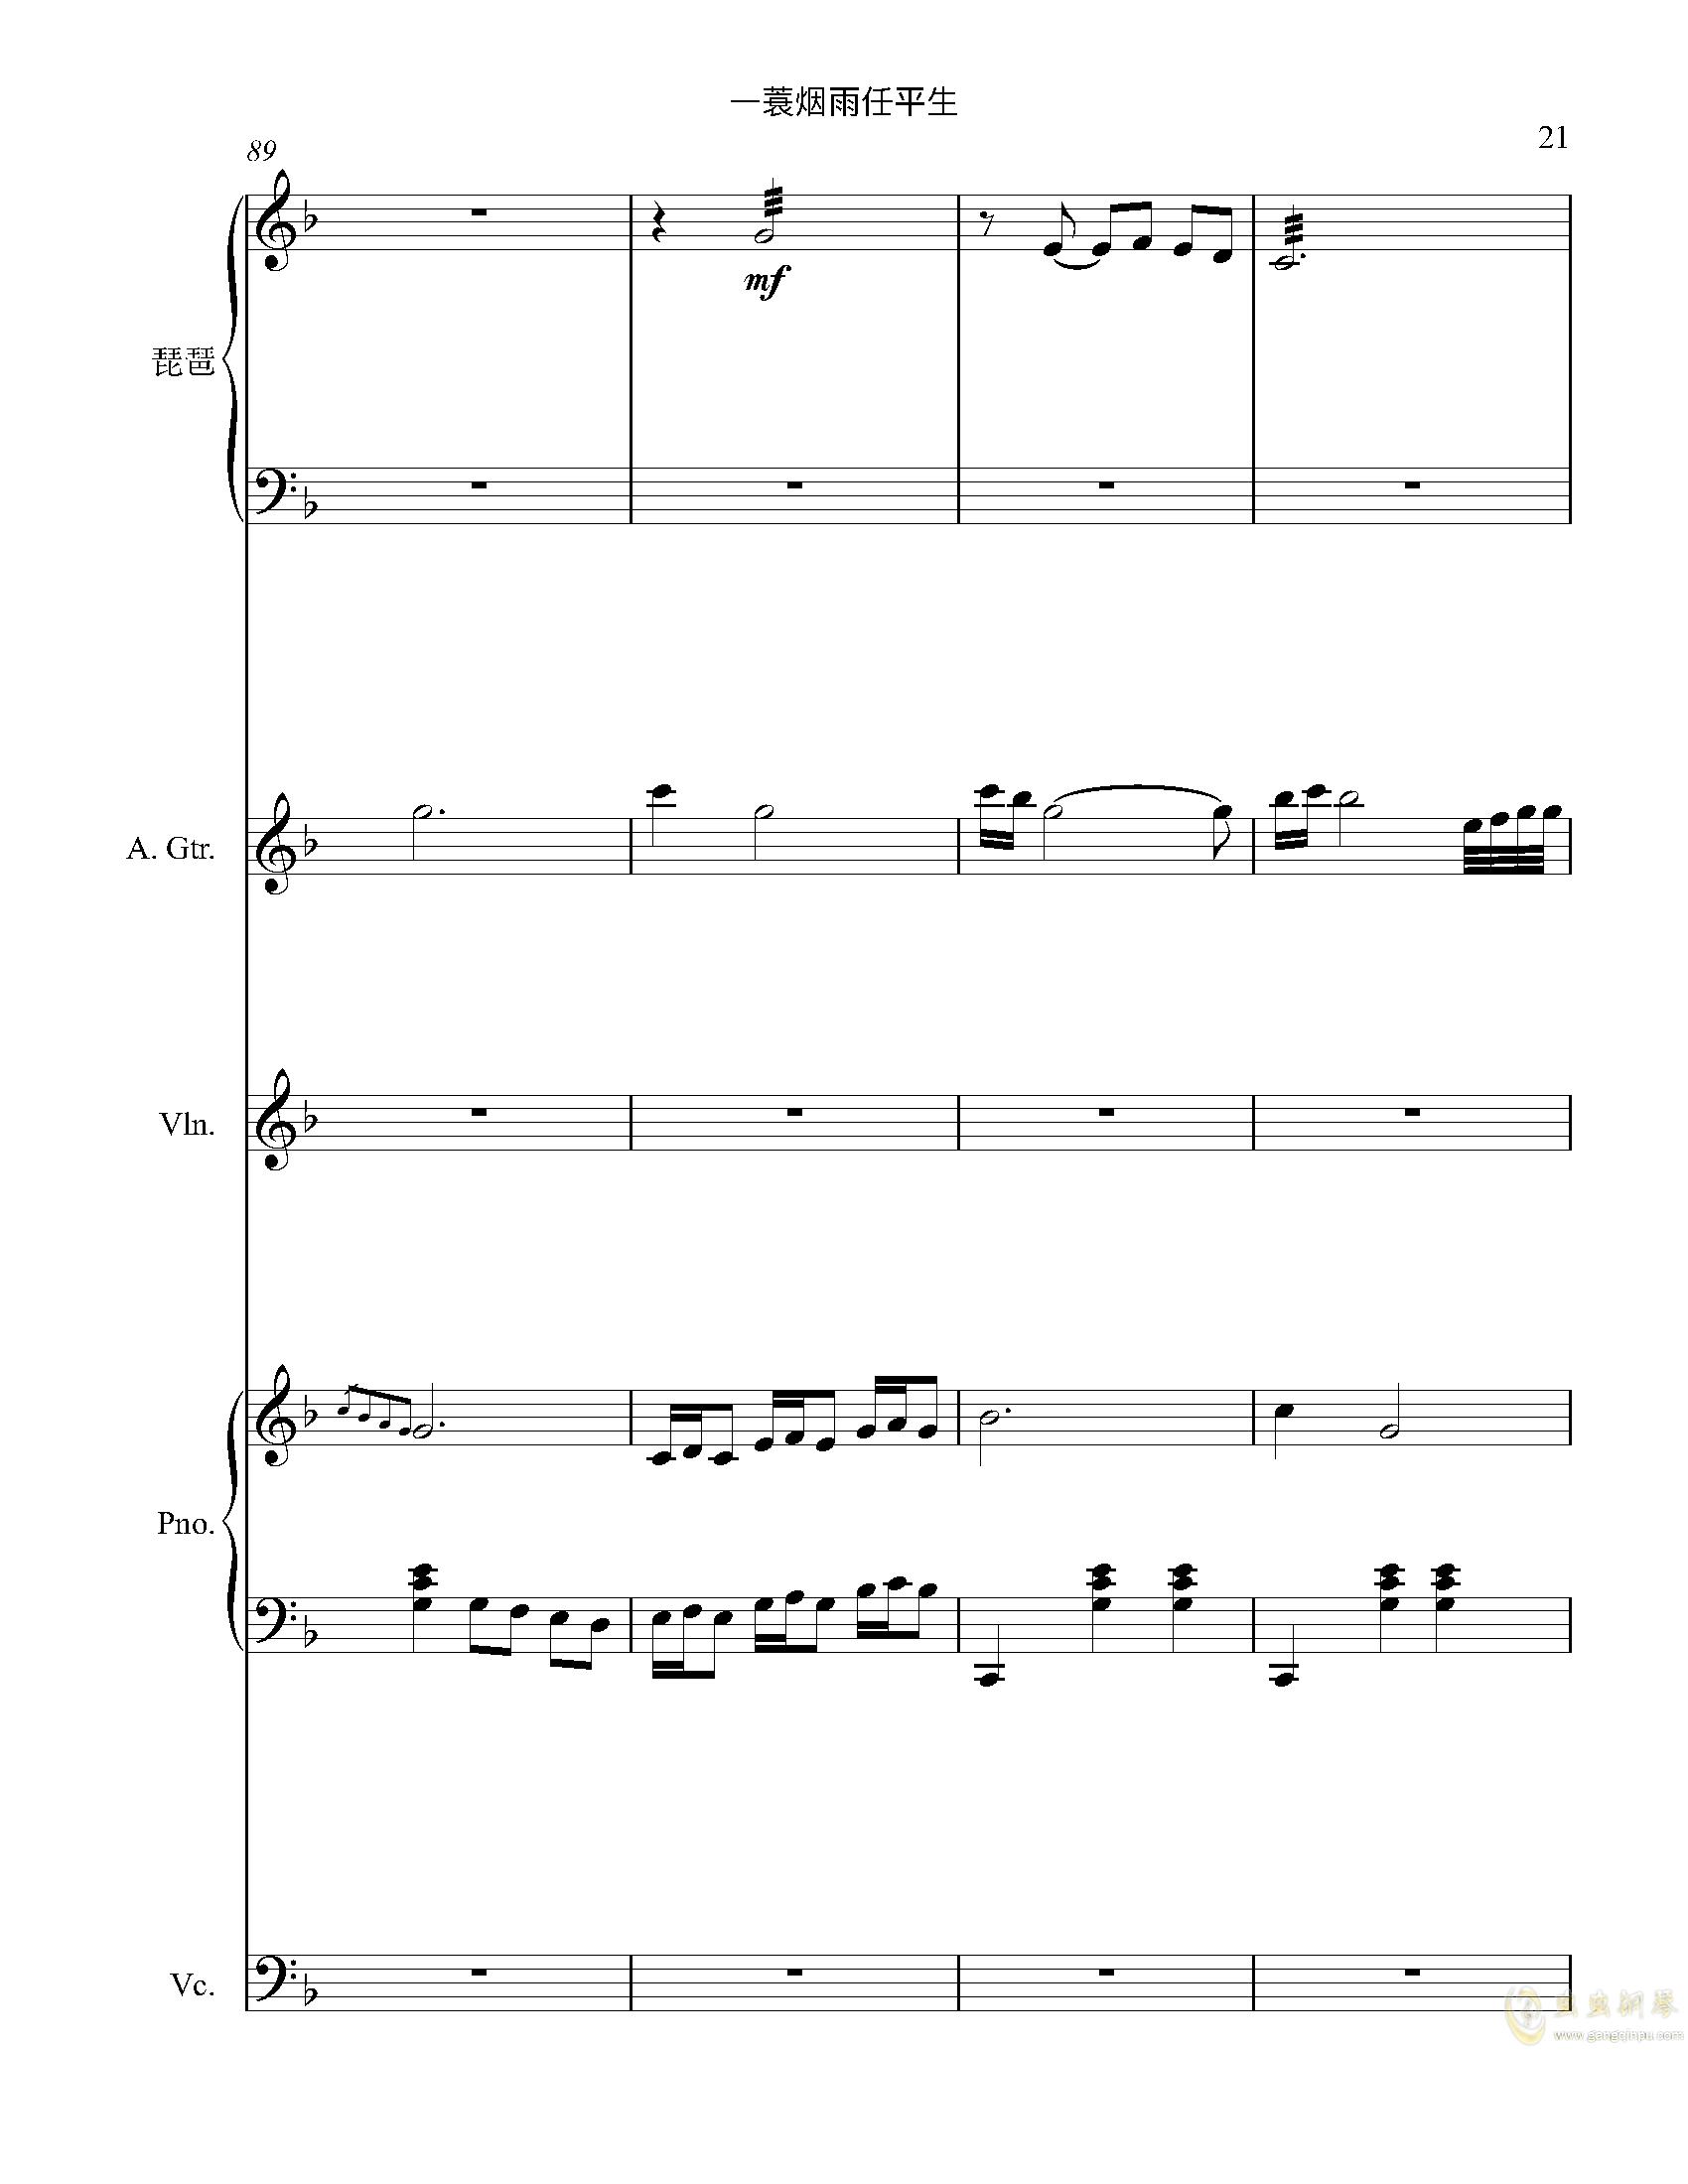 一蓑烟雨任平生钢琴谱 第21页